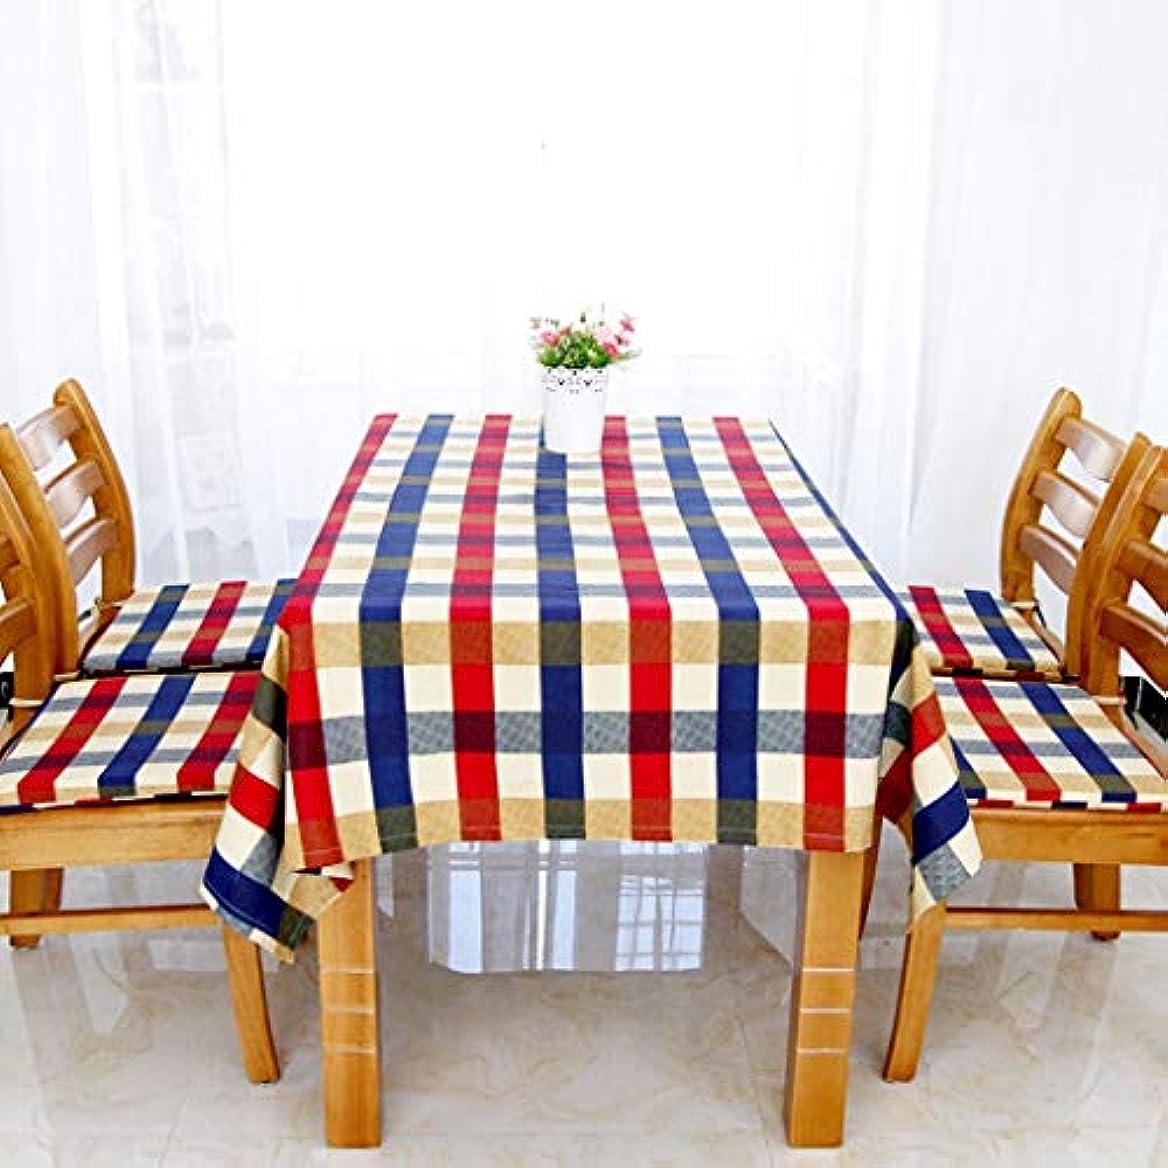 机中間かわいらしいテーブルクロス ZYL布テーブルクロスコーヒーテーブルクロステーブルクロス格子縞シリーズテーブルクロス綿キャンバス肥厚ノンスリップダストカバー布 テーブルレイアウト (Color : B, Size : 135*180CM)